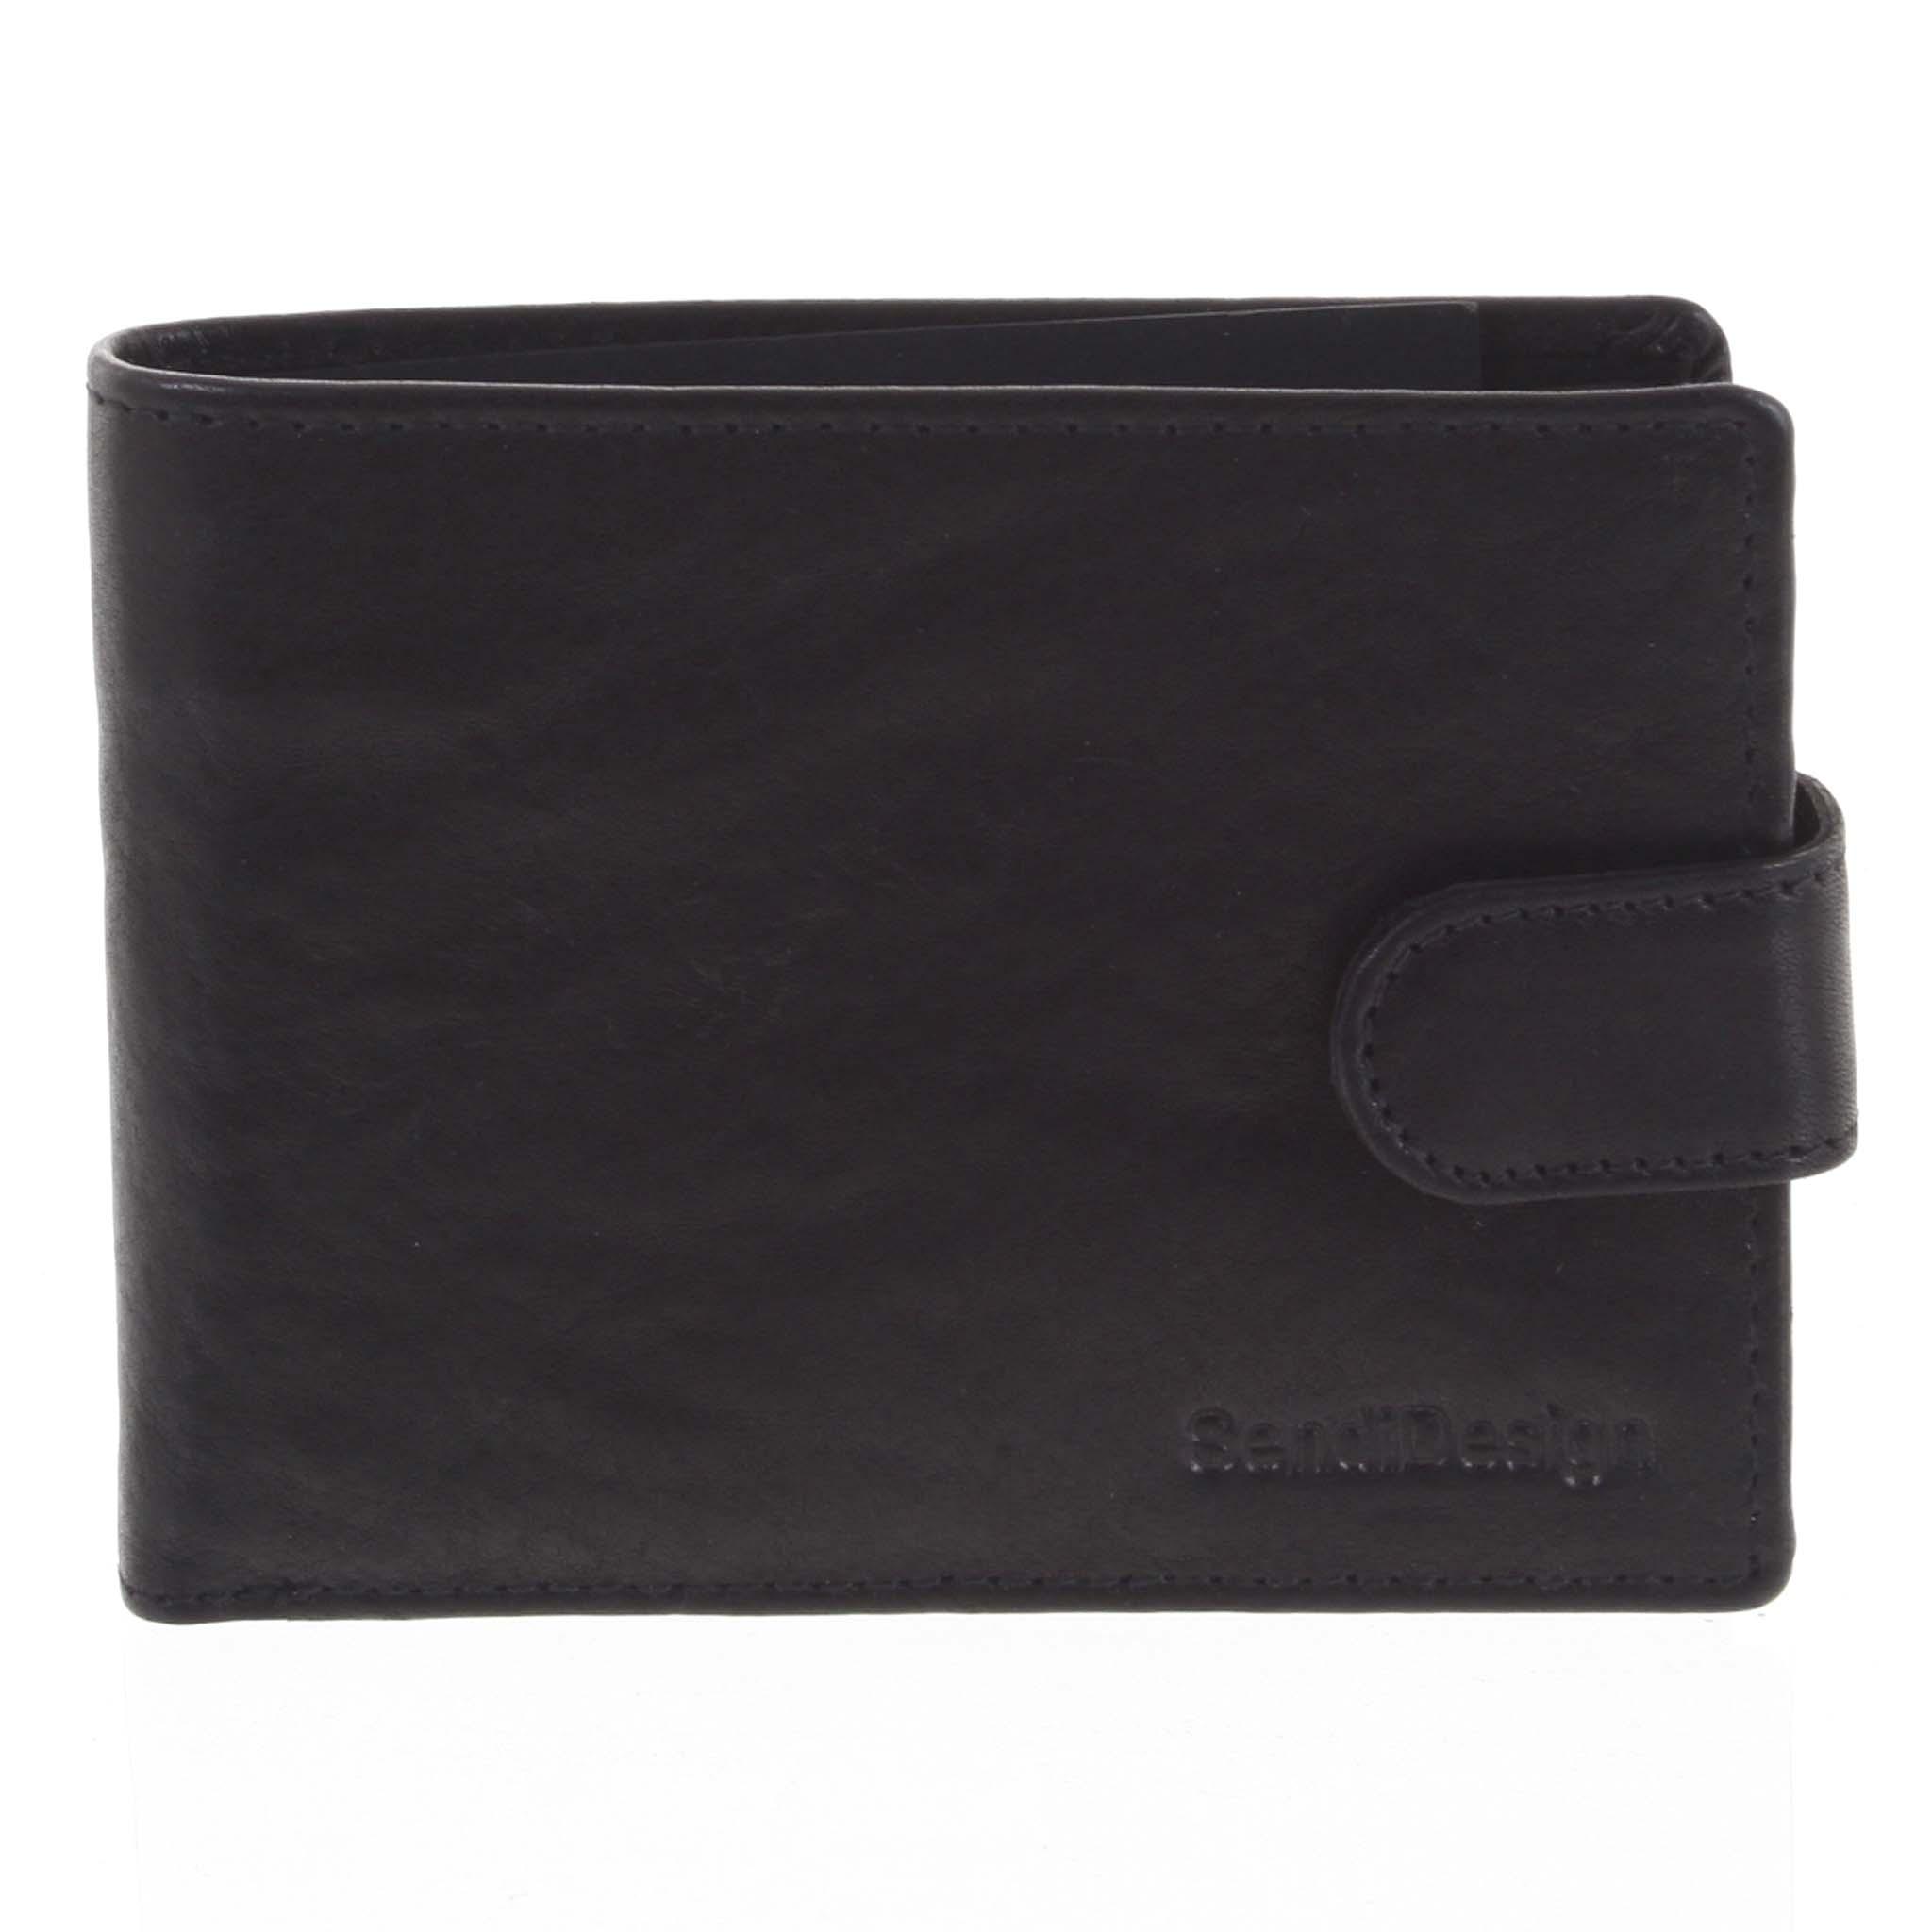 Pánska kožená peňaženka čierna - SendiDesign Mheo čierna